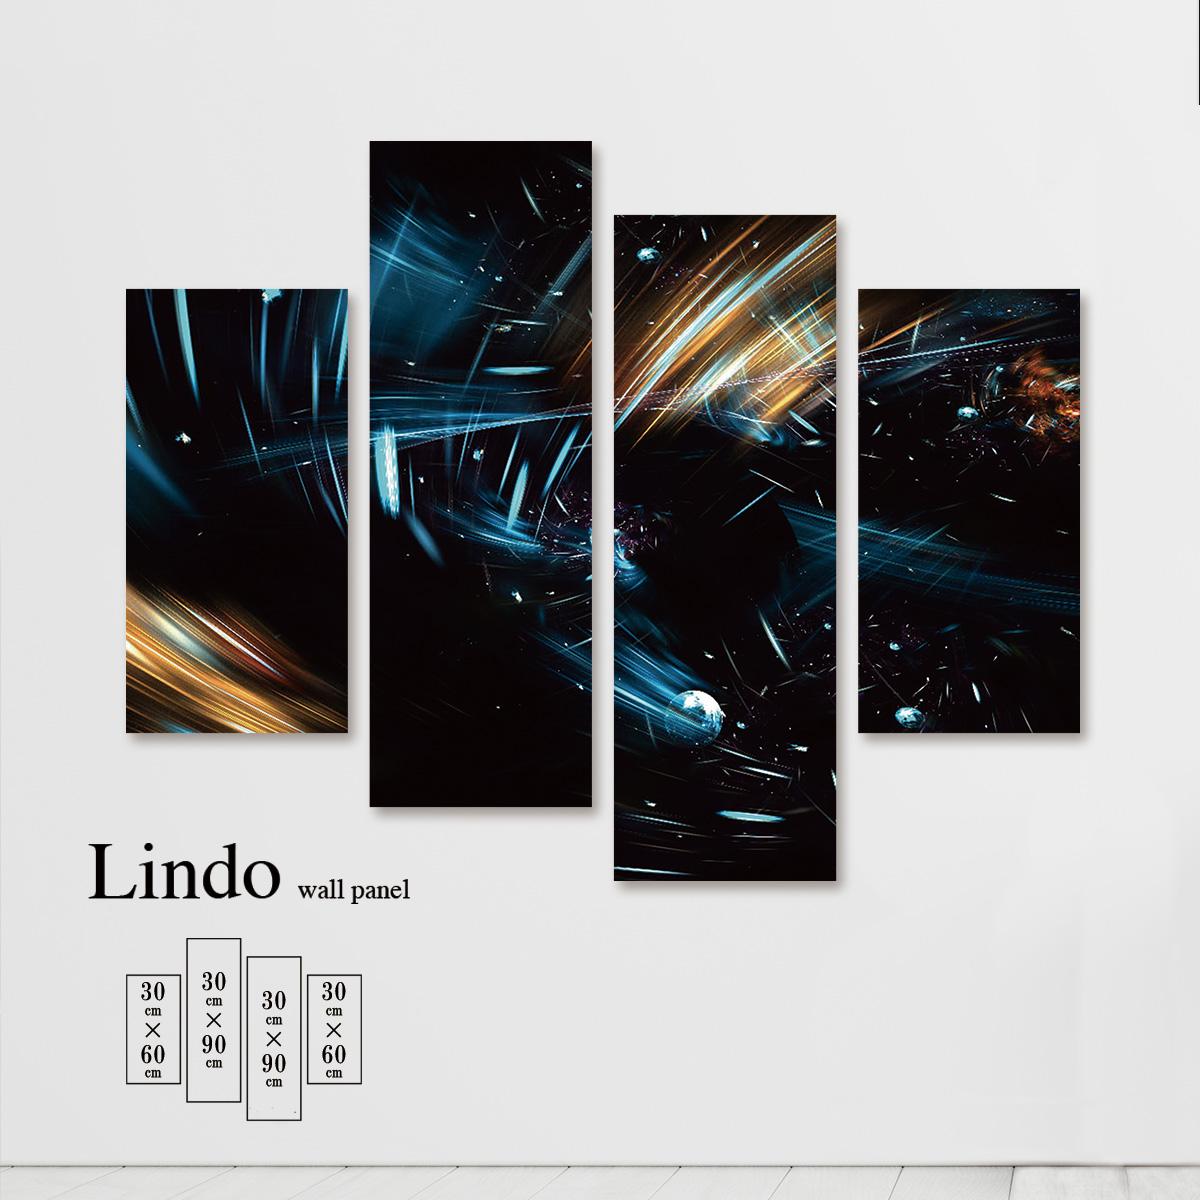 アートパネル グラフィック デジタル 光 アート かっこいい クール 壁掛け 北欧 お洒落 デザイン ファブリック 壁飾り アートボード 4枚パネル